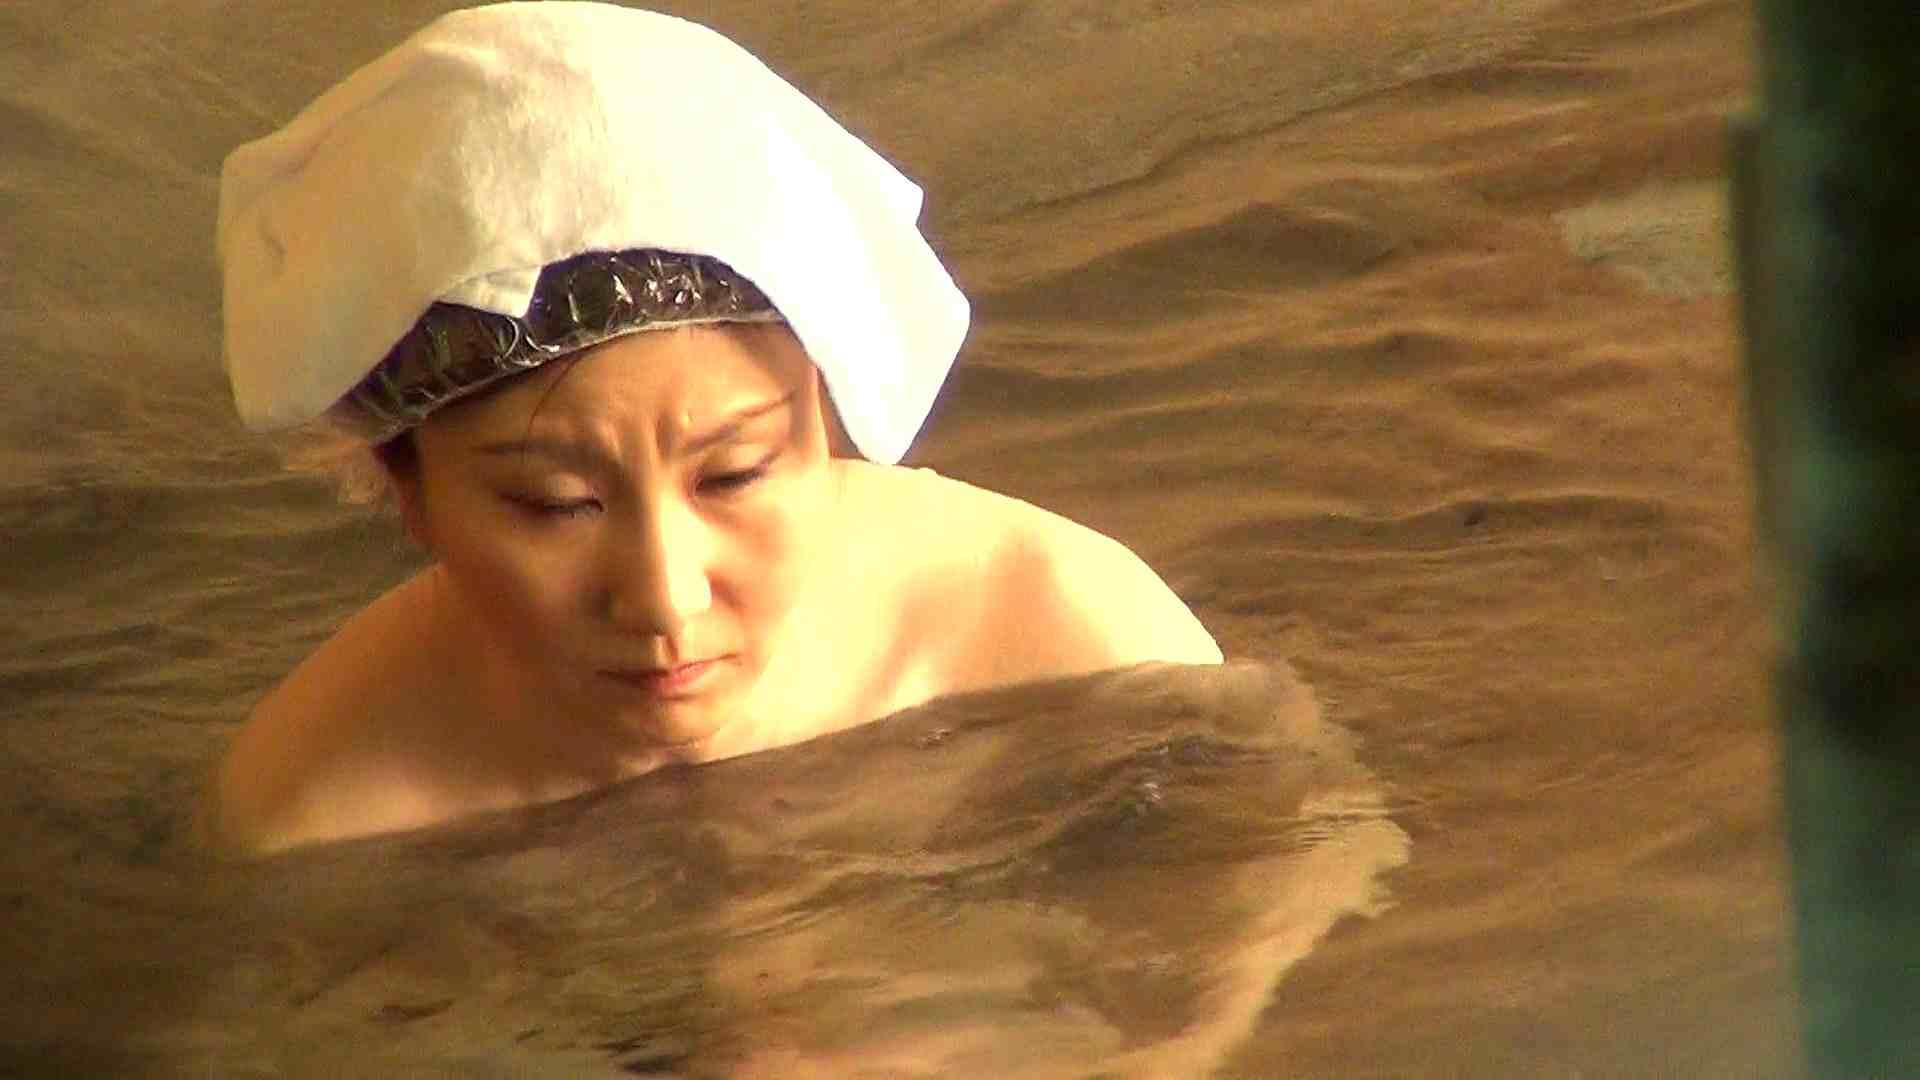 Aquaな露天風呂Vol.278 盗撮 | 露天  100画像 52